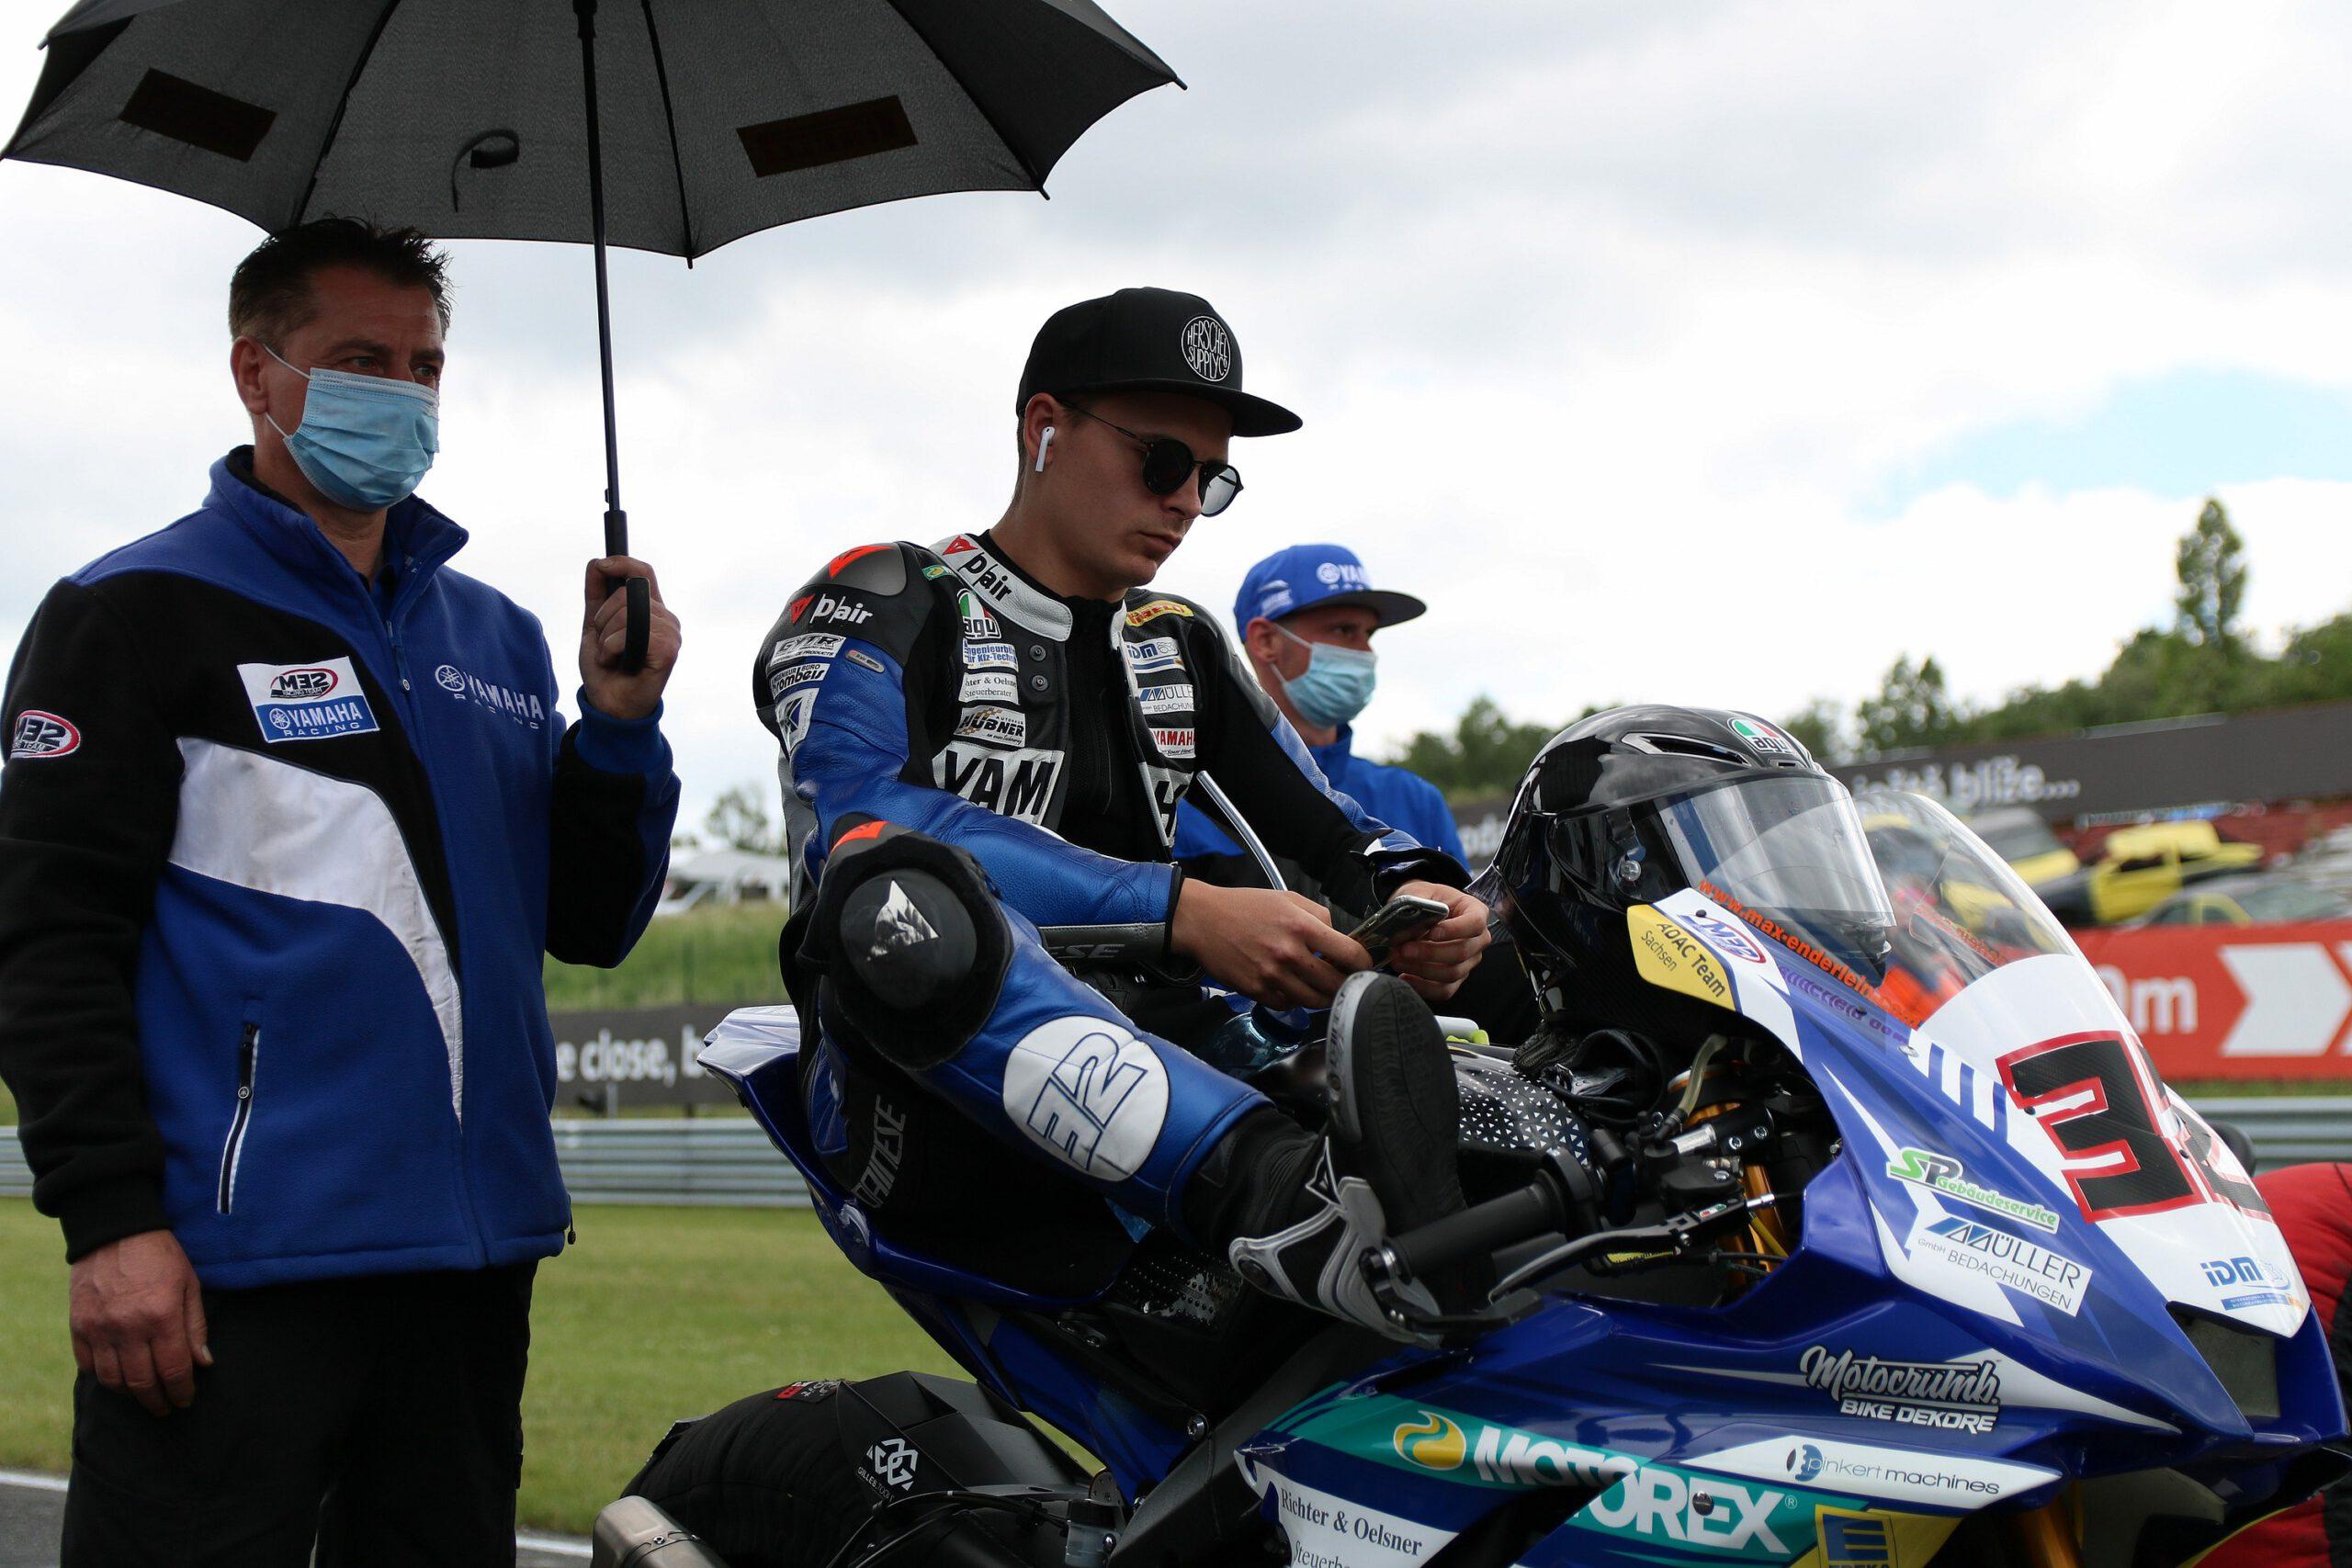 Max Enderlein (M32 Racing Team) in der Startaufstellung beim IDM-Event 2021 im tschechischen Most.